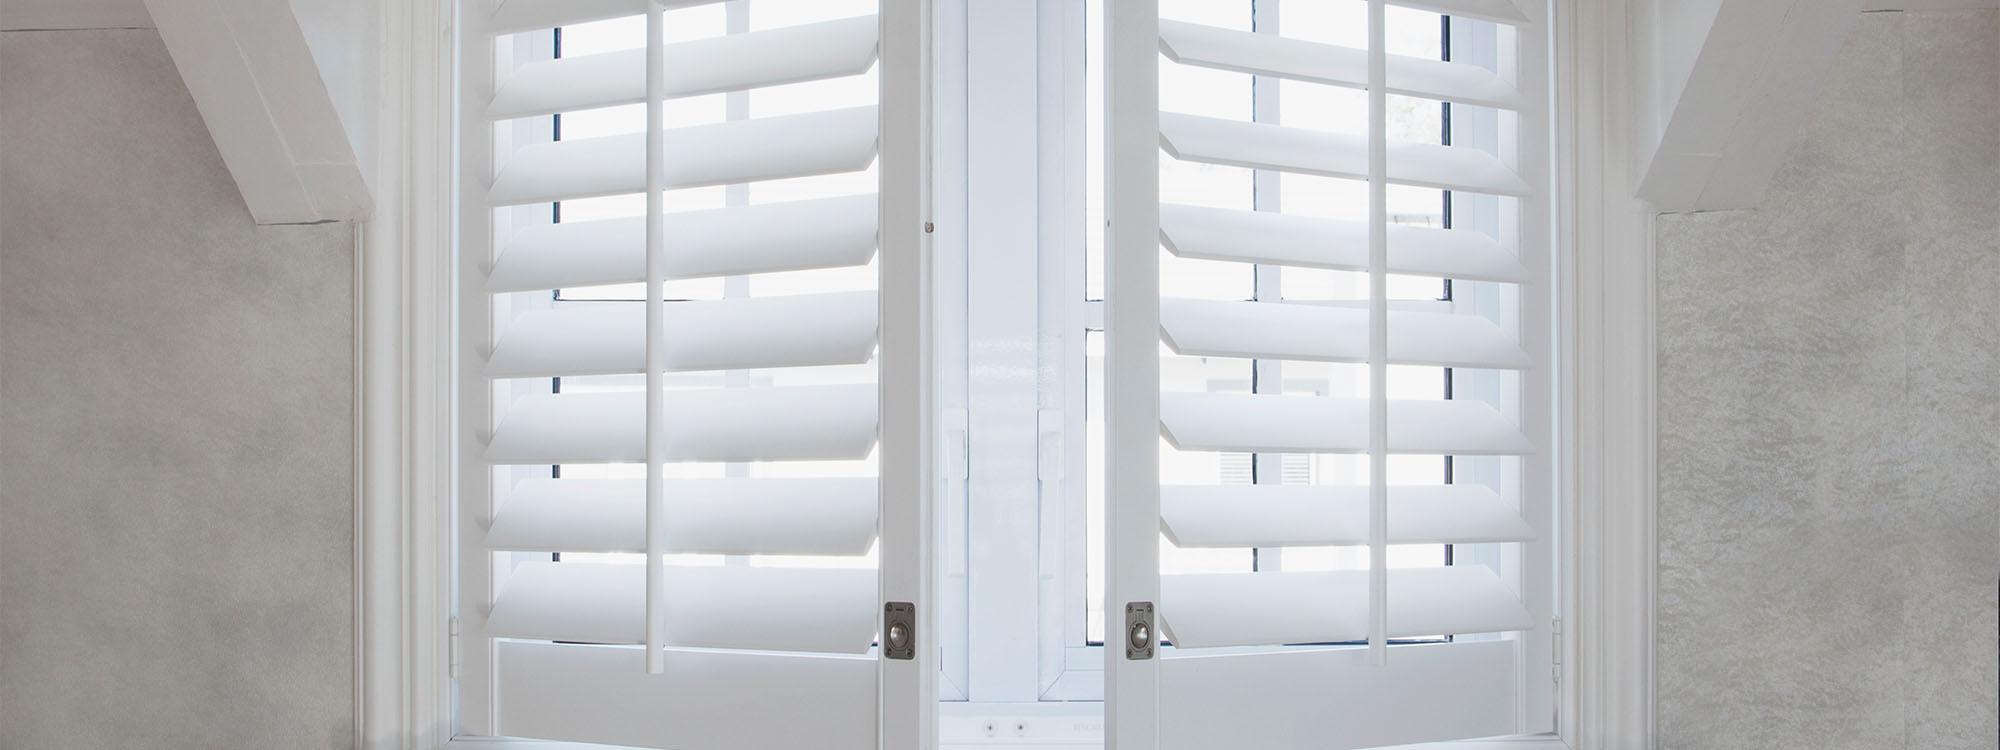 Decowood-shutters-bedroom-open